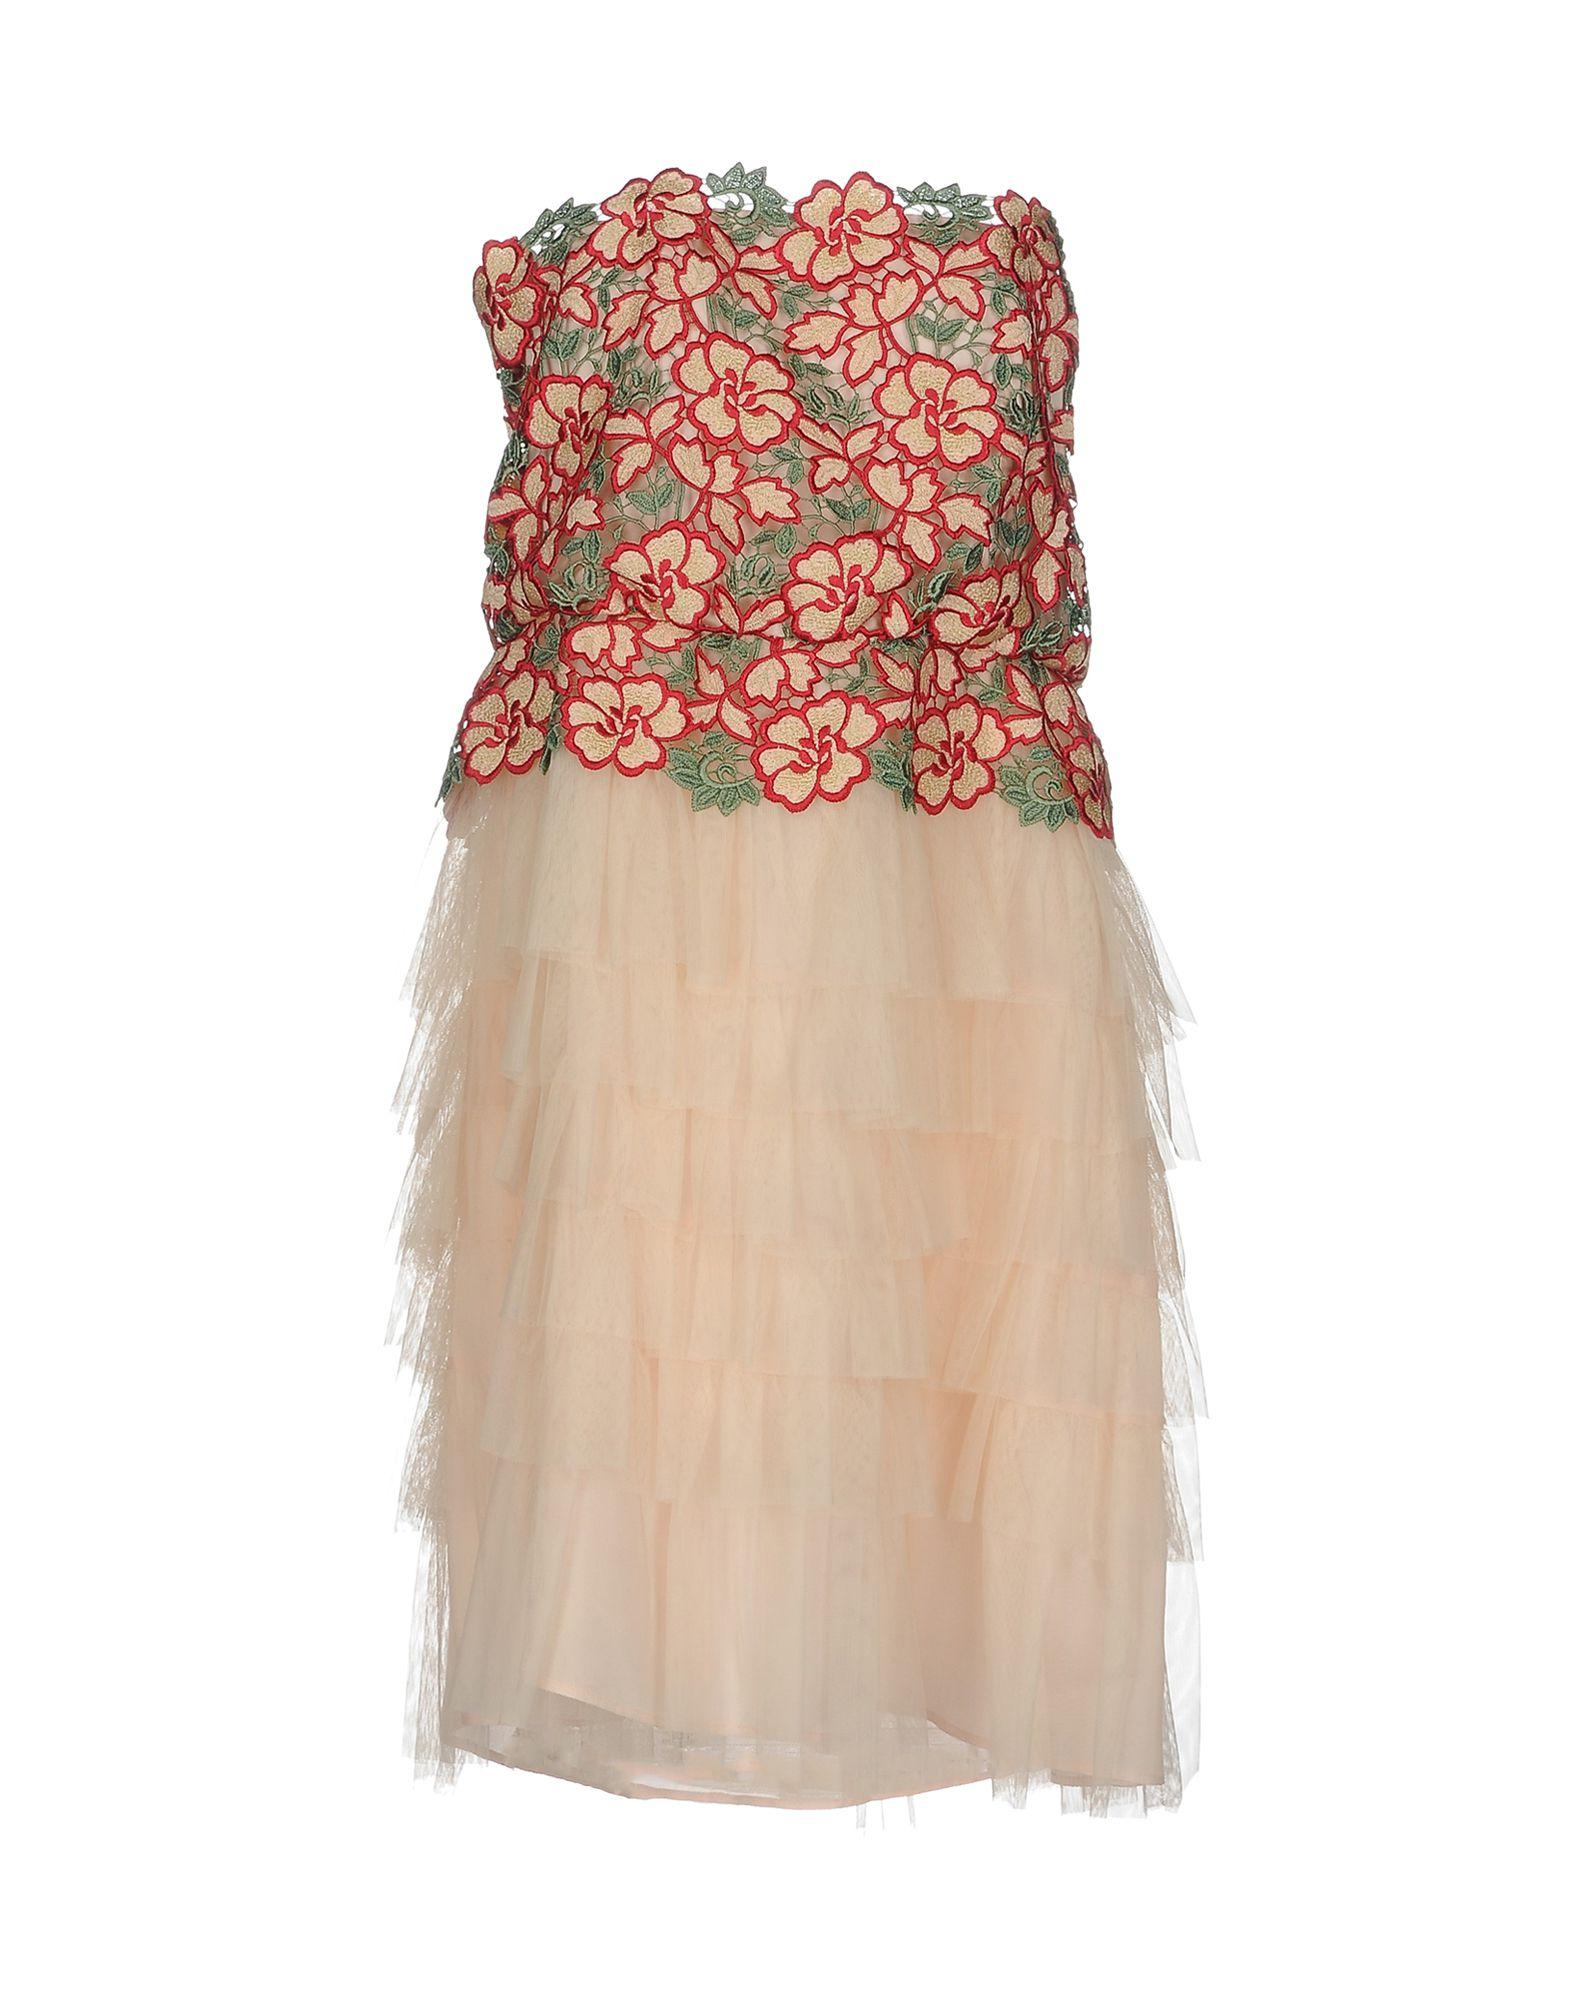 TRESOPHIE Damen Kurzes Kleid Farbe Hellrosa Größe 2